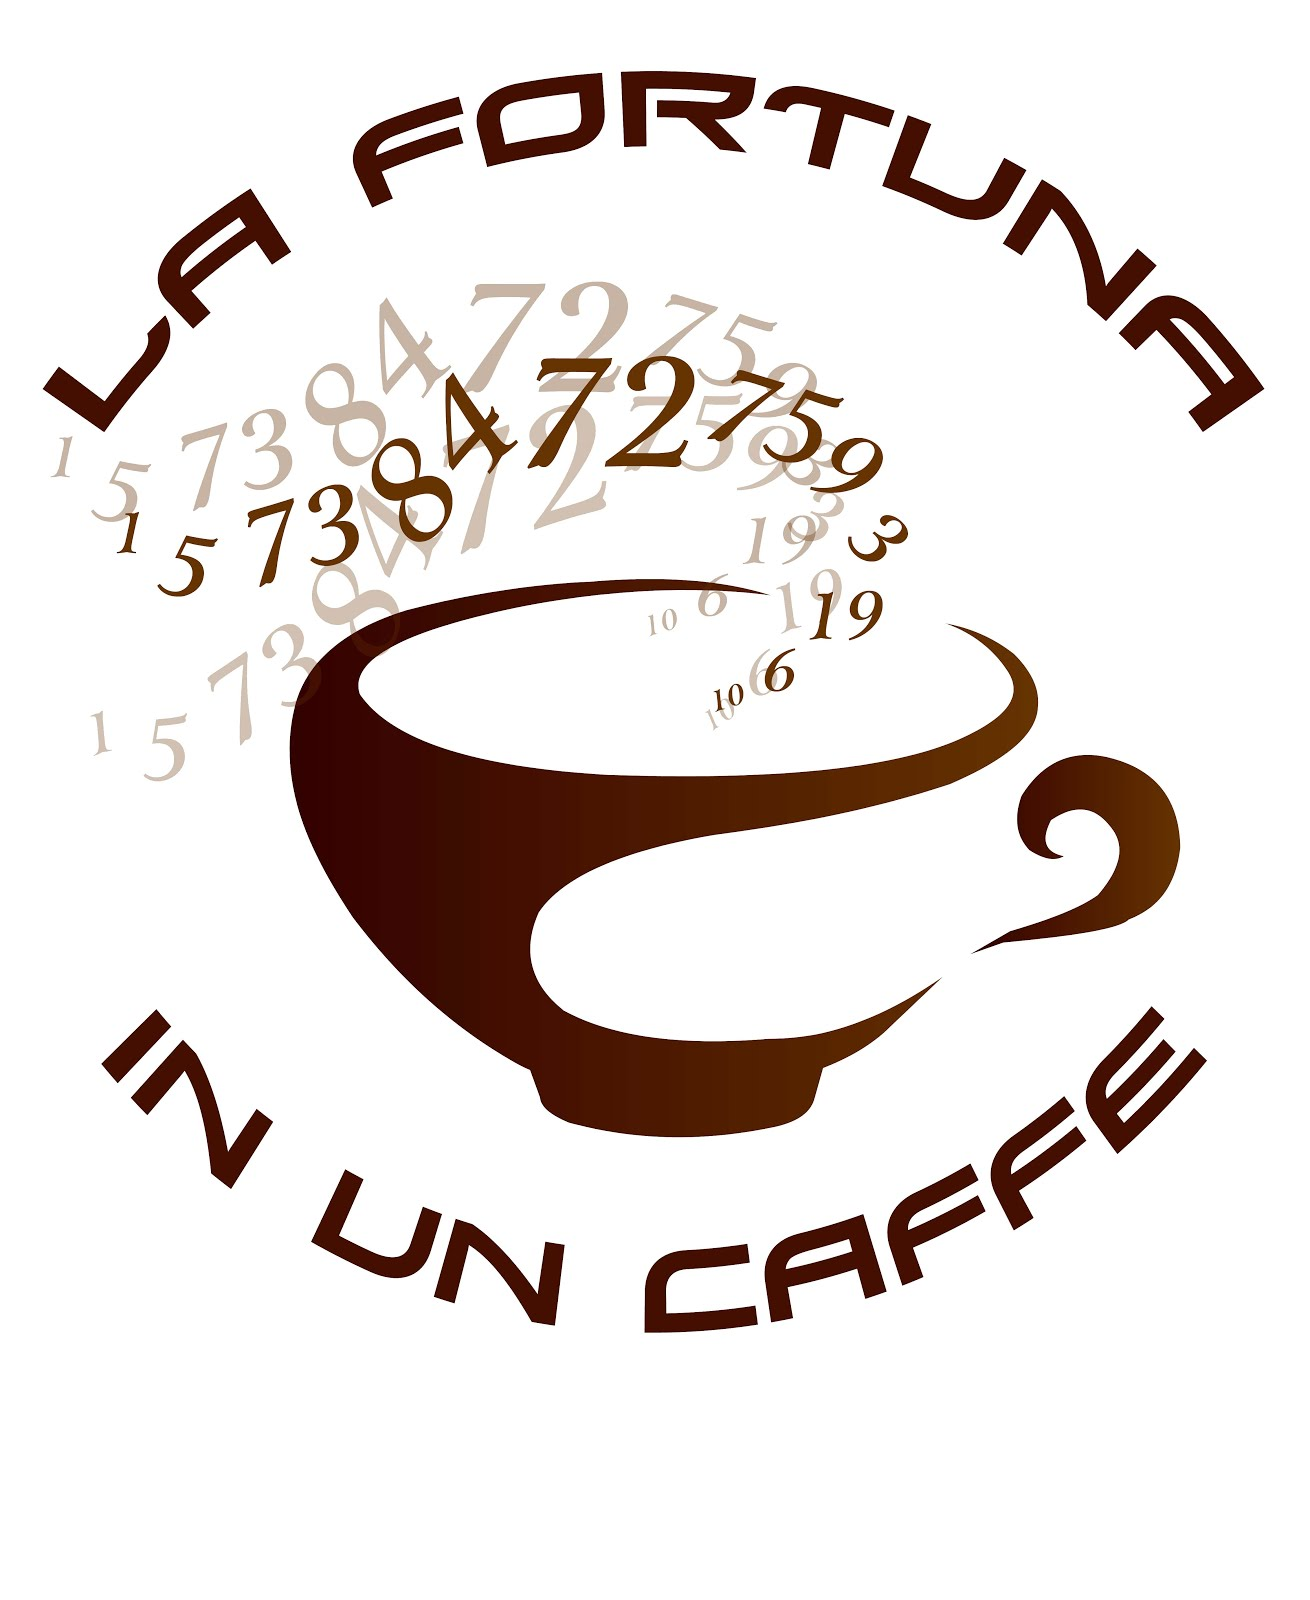 La Fortuna in un Caffe